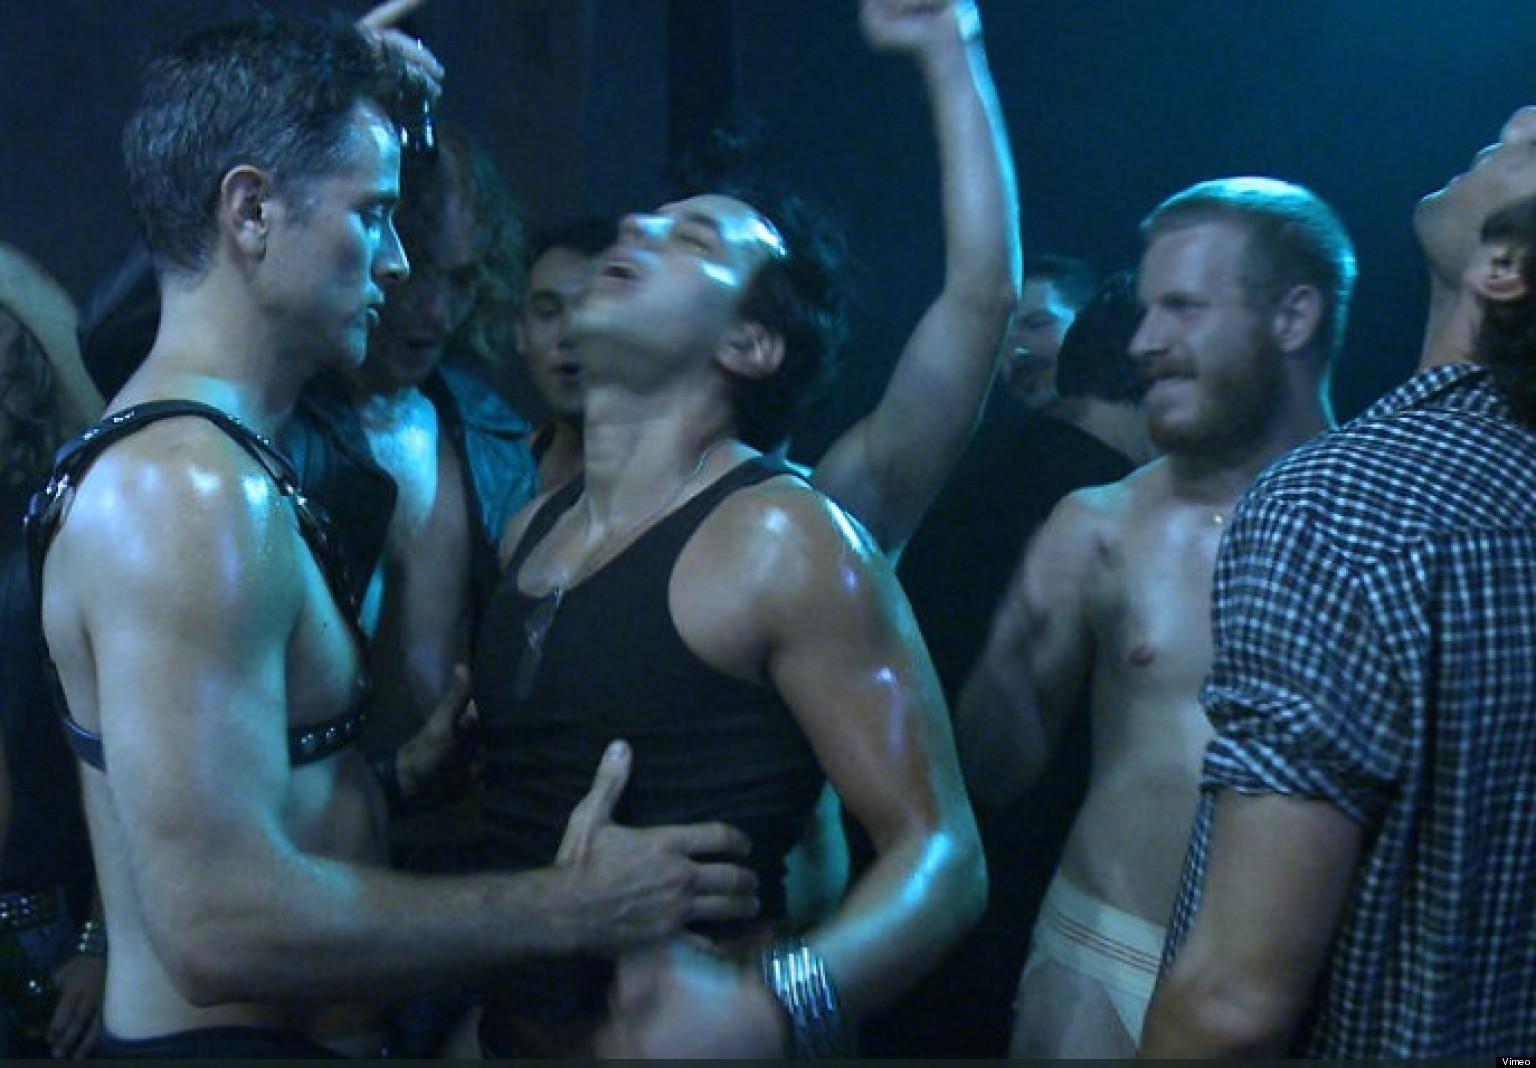 Смотреть онлайн бесплатно гомосексуалы 20 фотография